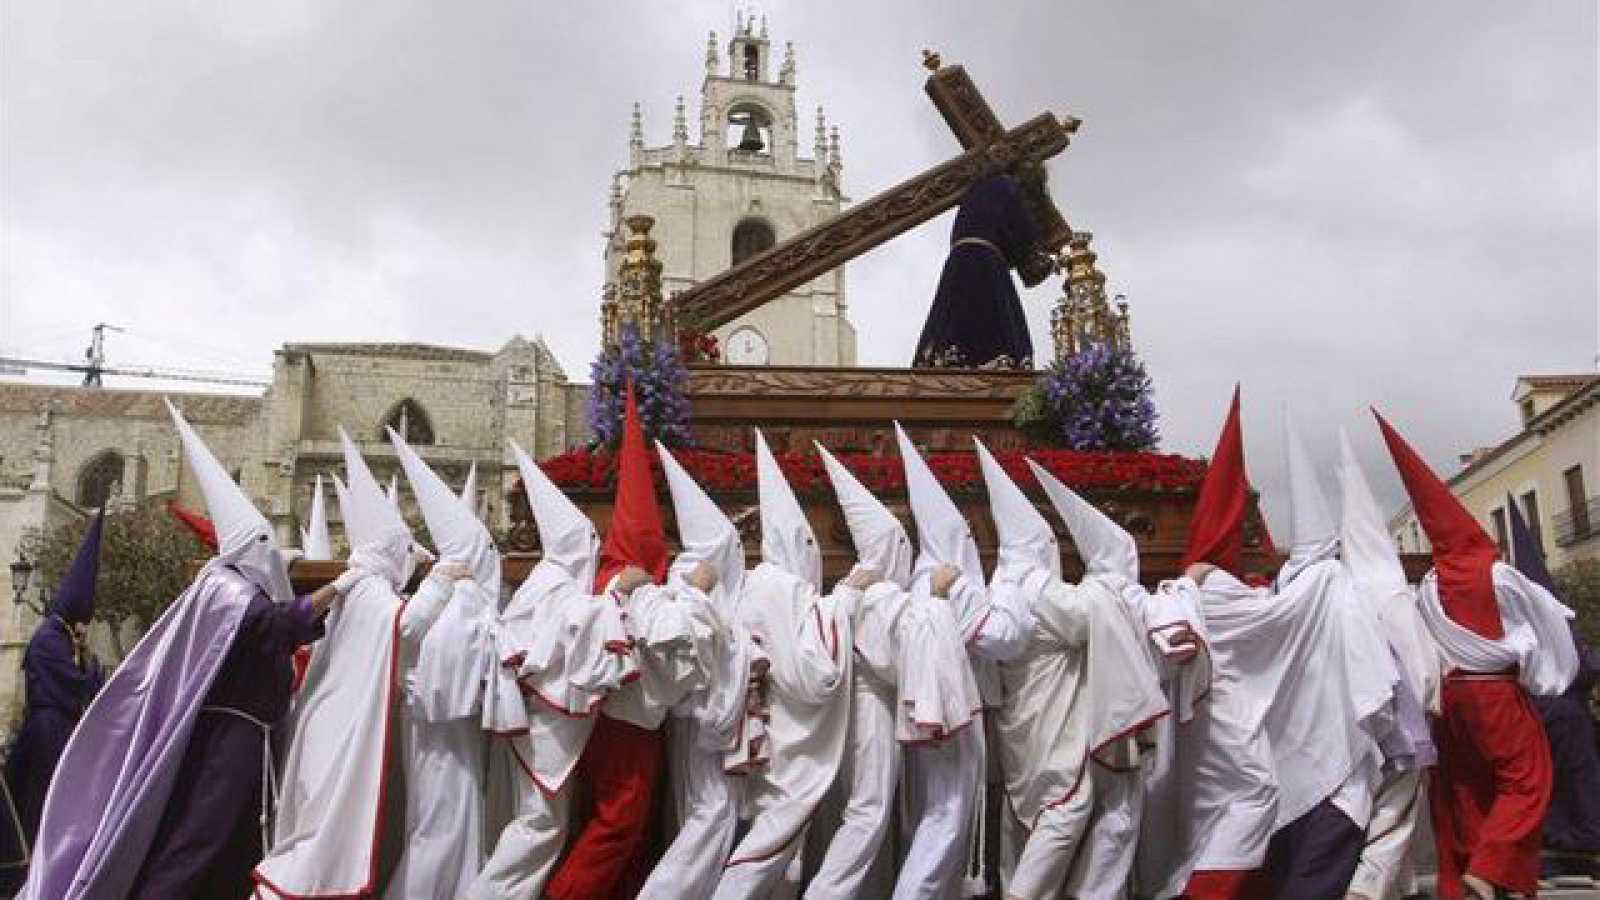 Ondas de ayer - La radio en las procesiones de Semana Santa - 11/04/17 - Escuchar ahora